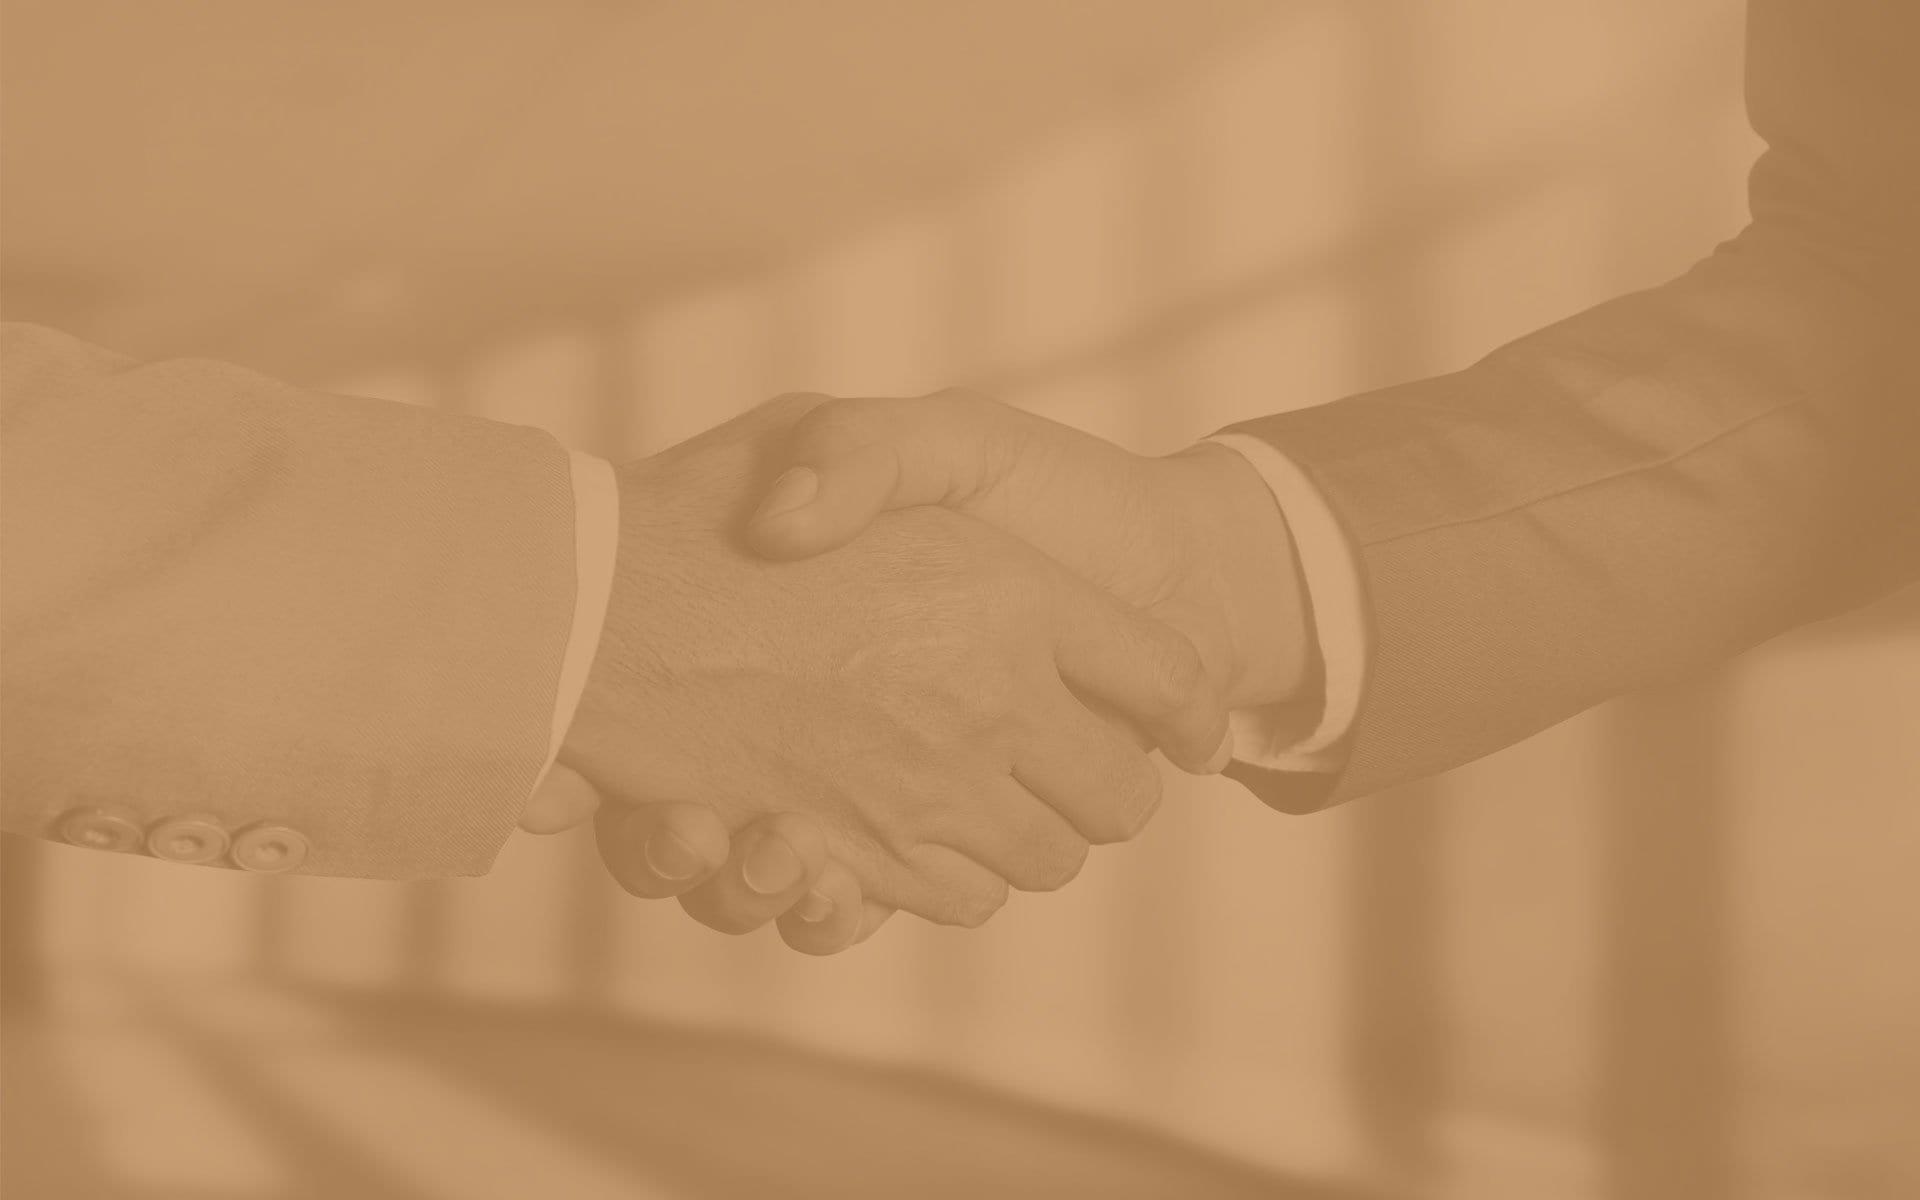 İş Hukuku Avukatı ve Danışmanlık Arabuluculuk Ankara Avukat